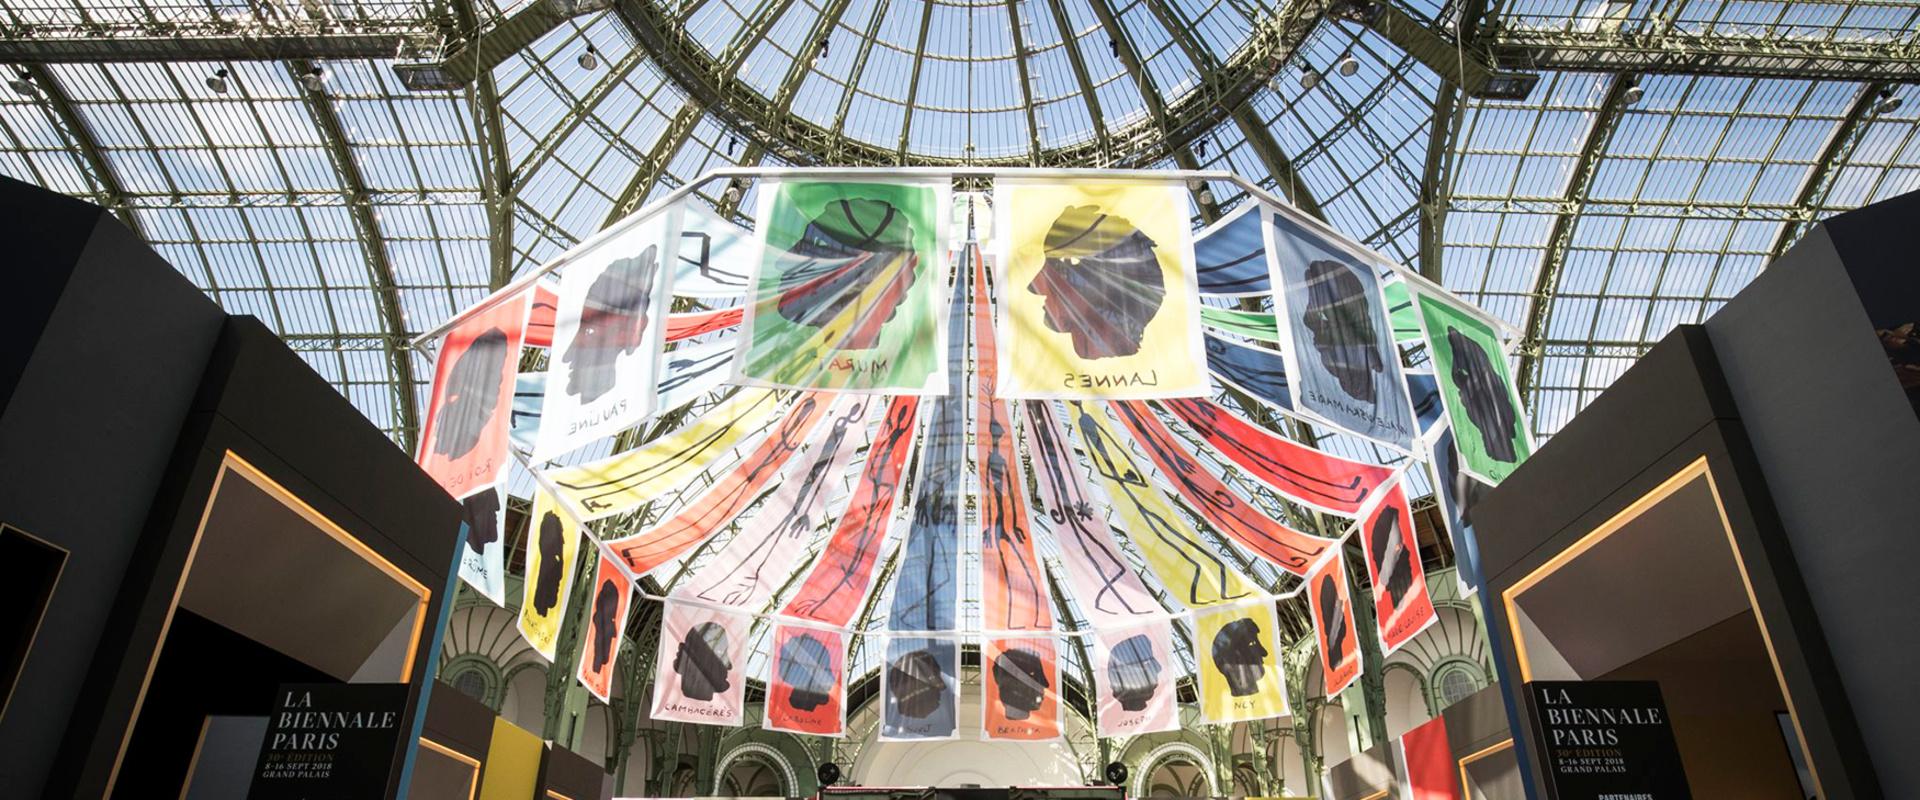 Что советуют покупать в Париже на ярмарке La Biennale Paris